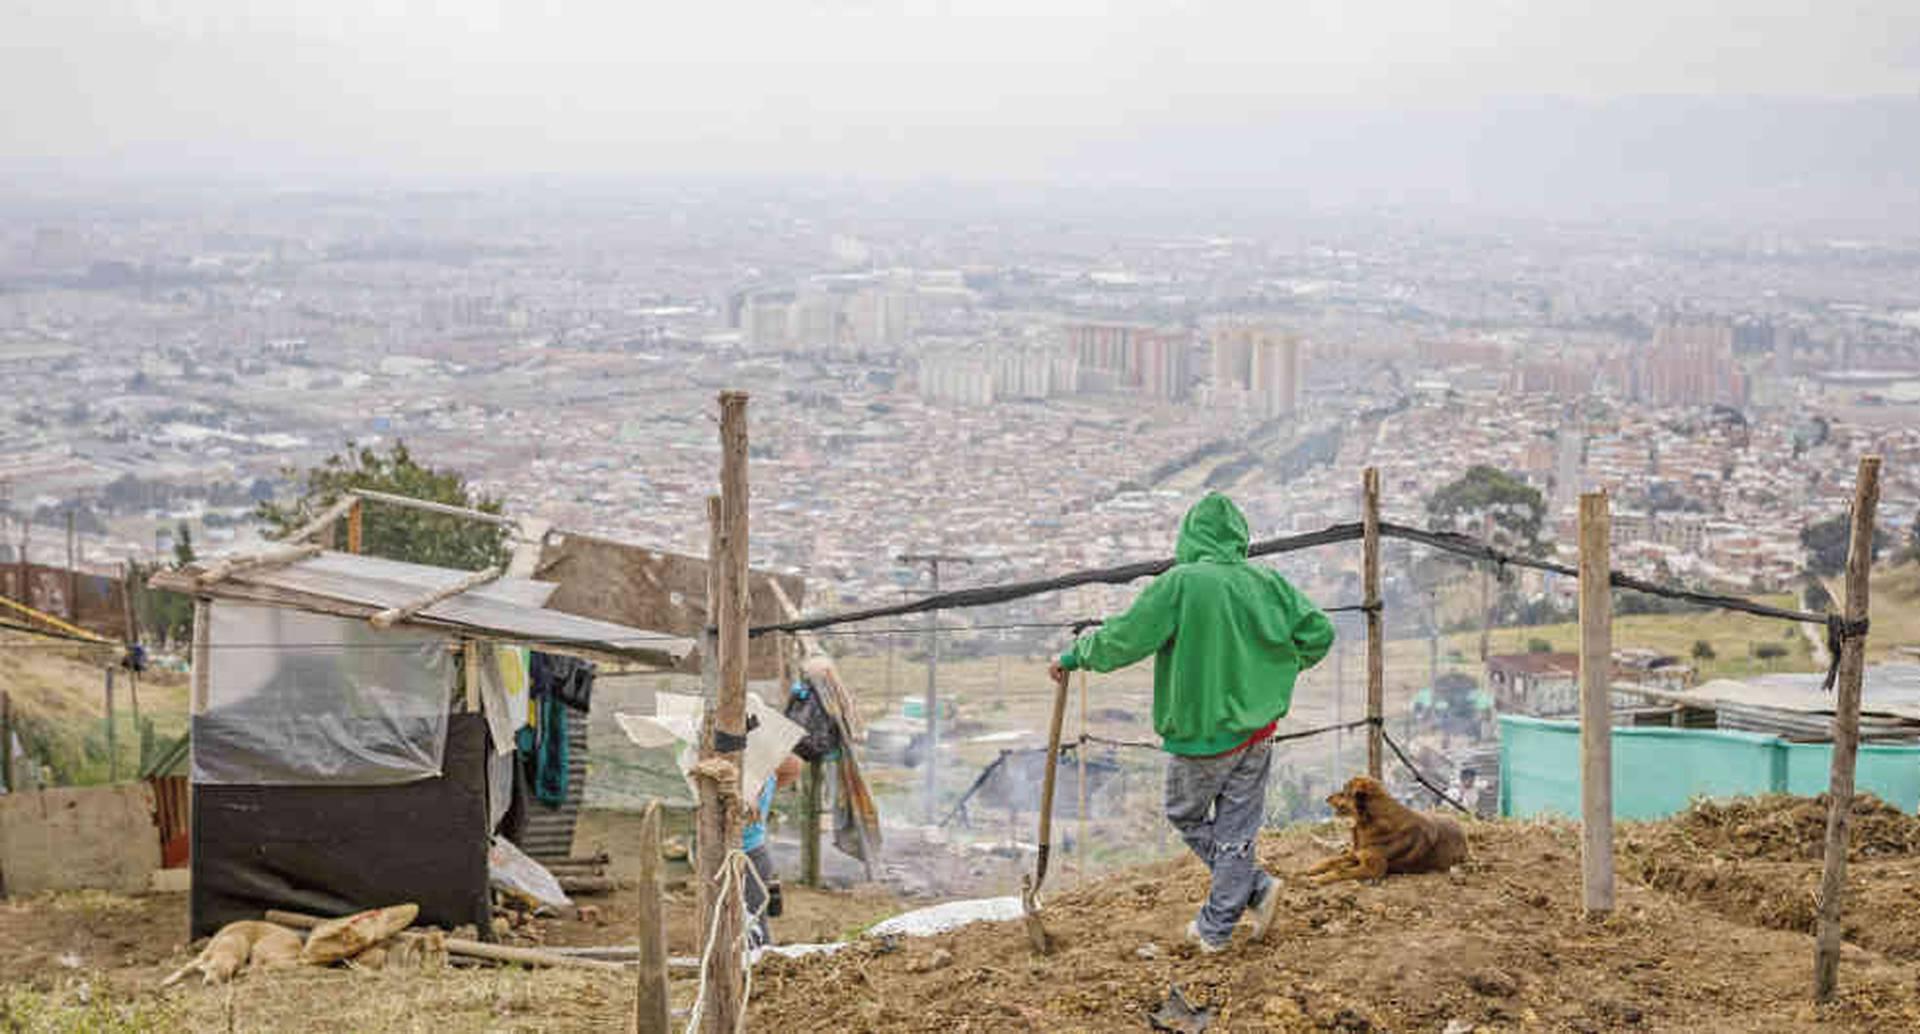 Ciudad Bolívar es la cuarta localidad con más habitantes de Bogotá. La mayoría vive en estrato uno y trabaja en la informalidad.